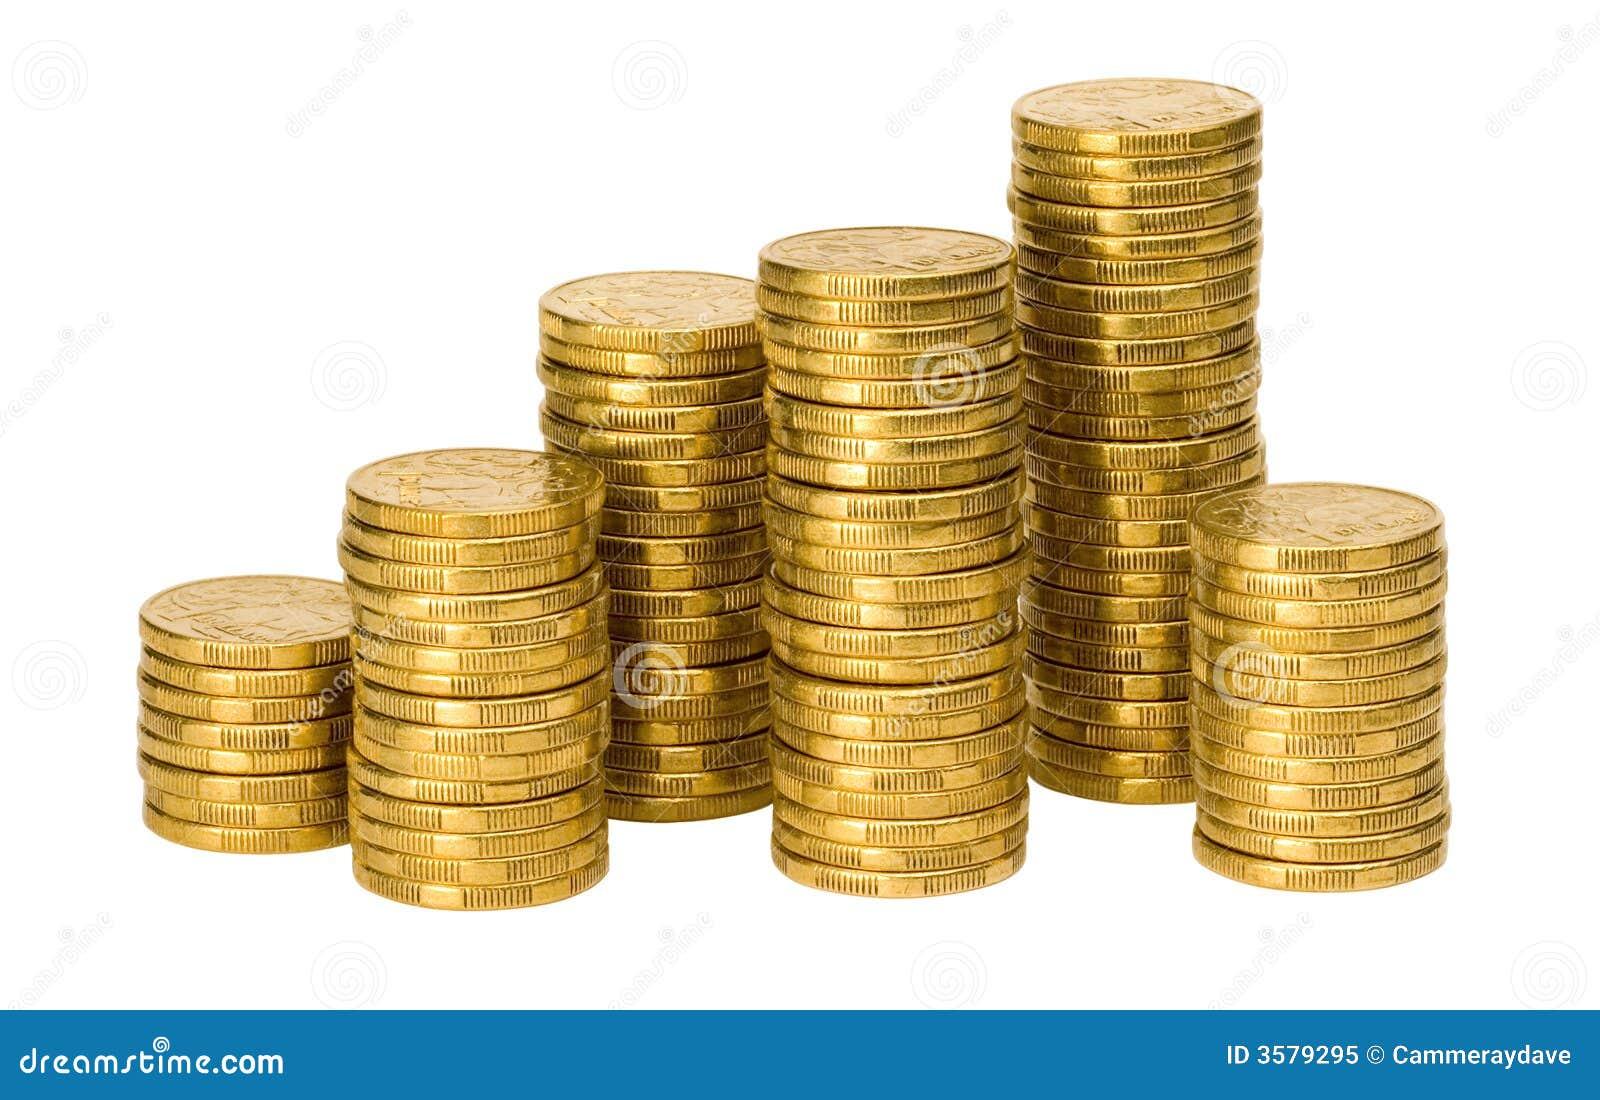 Pilhas de moedas australianas